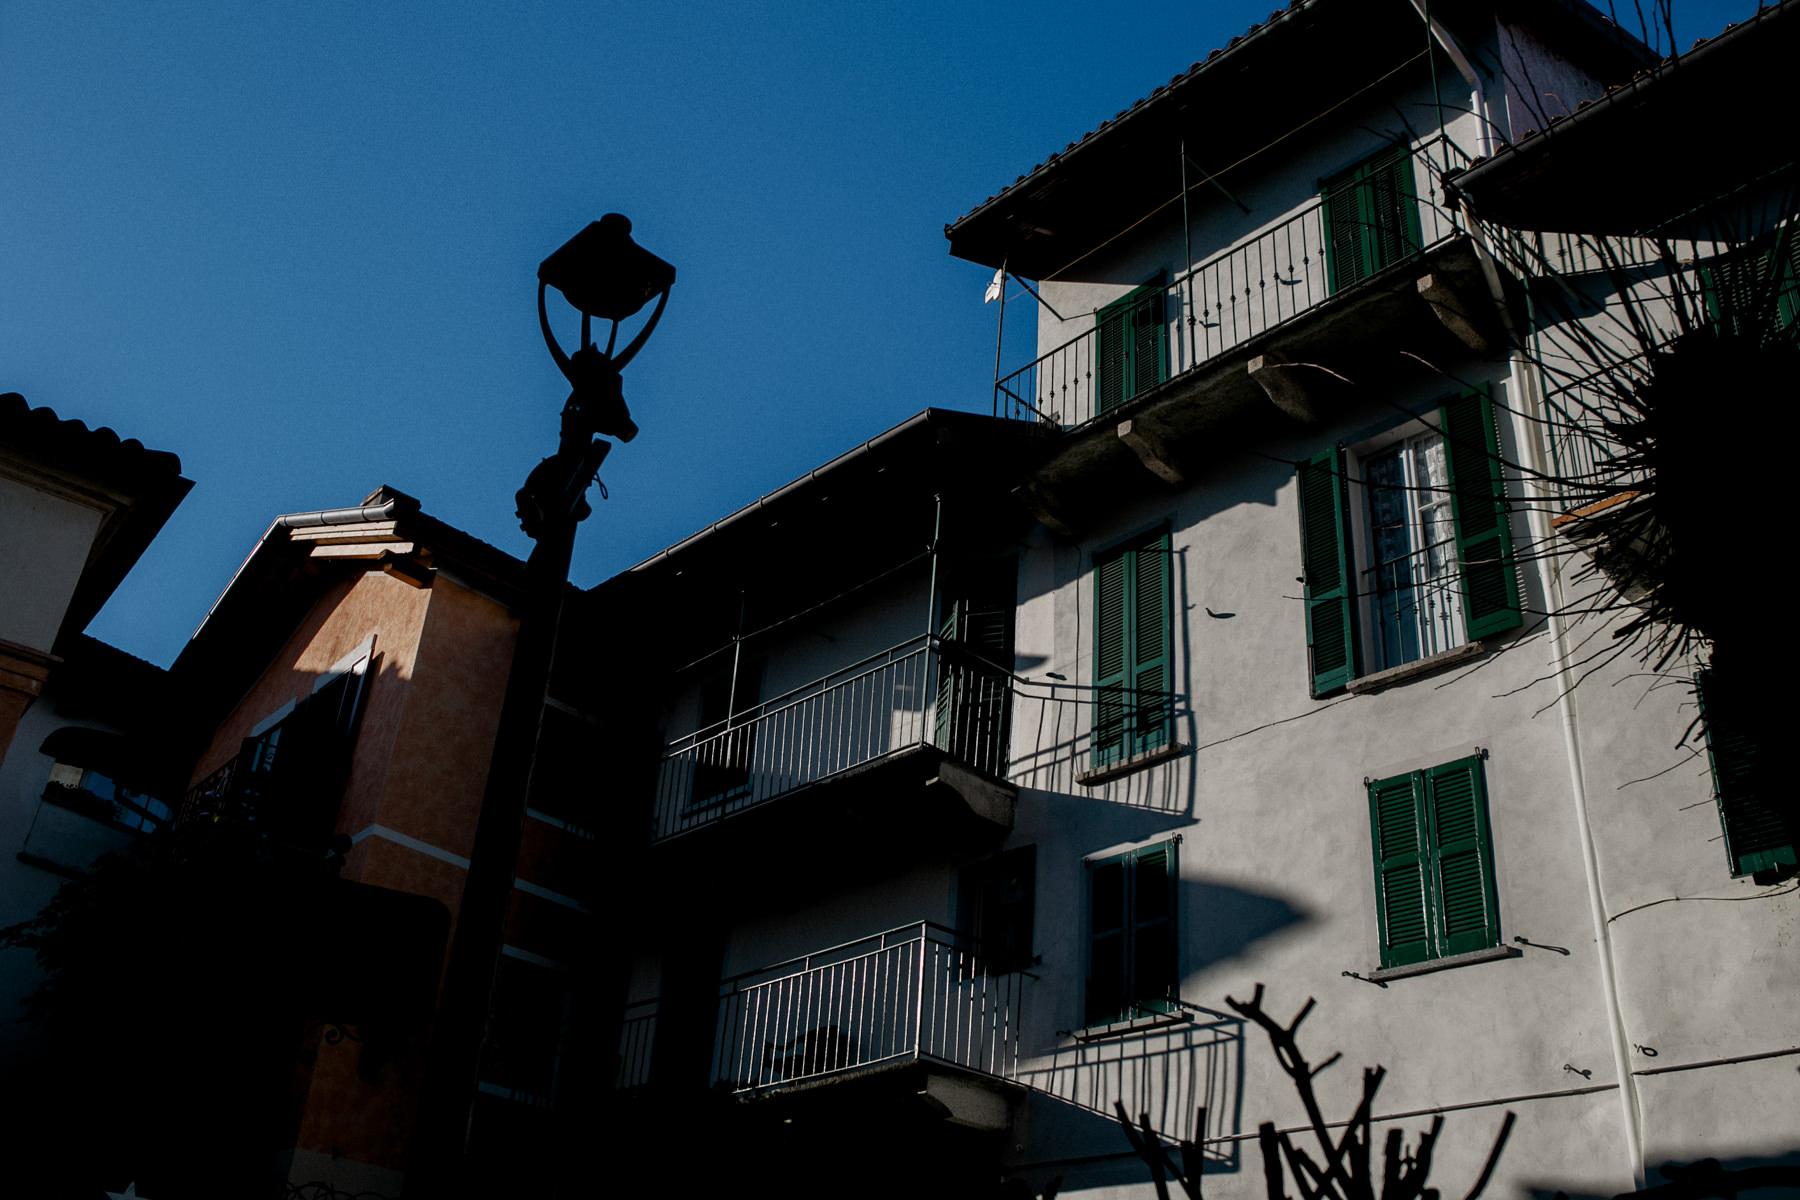 lago_maggiore_italy_liviafigueiredo_8407.jpg